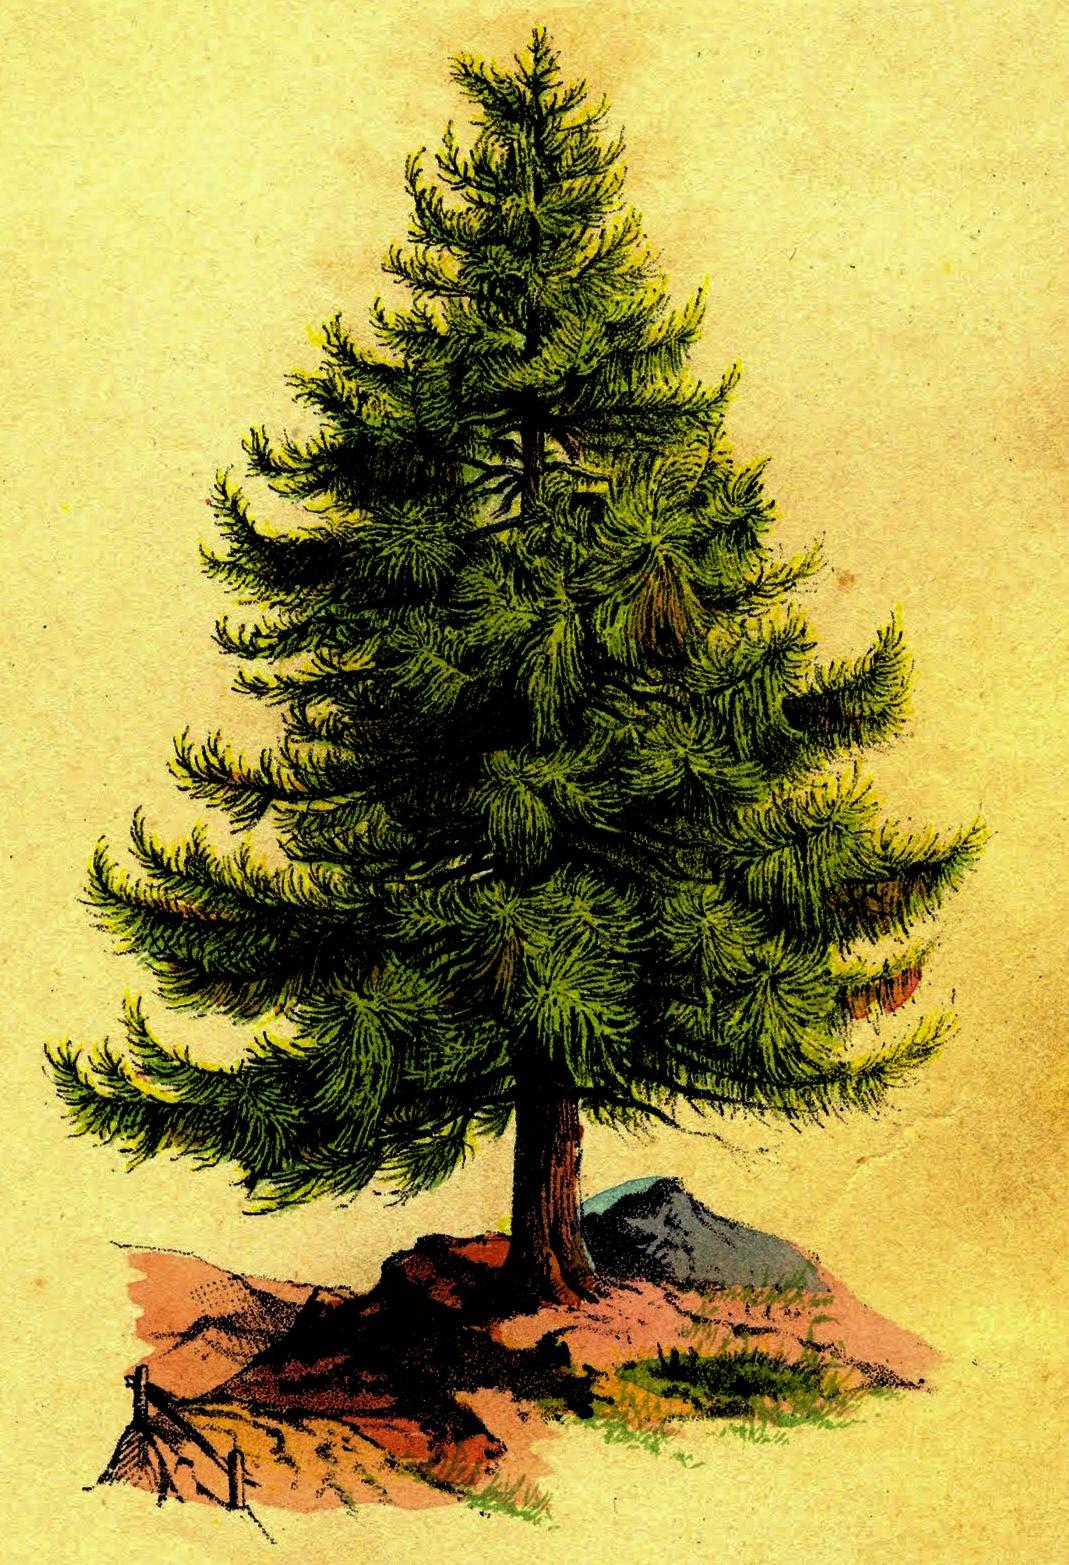 Daftar Gambar Mewarnai Pohon Cemara